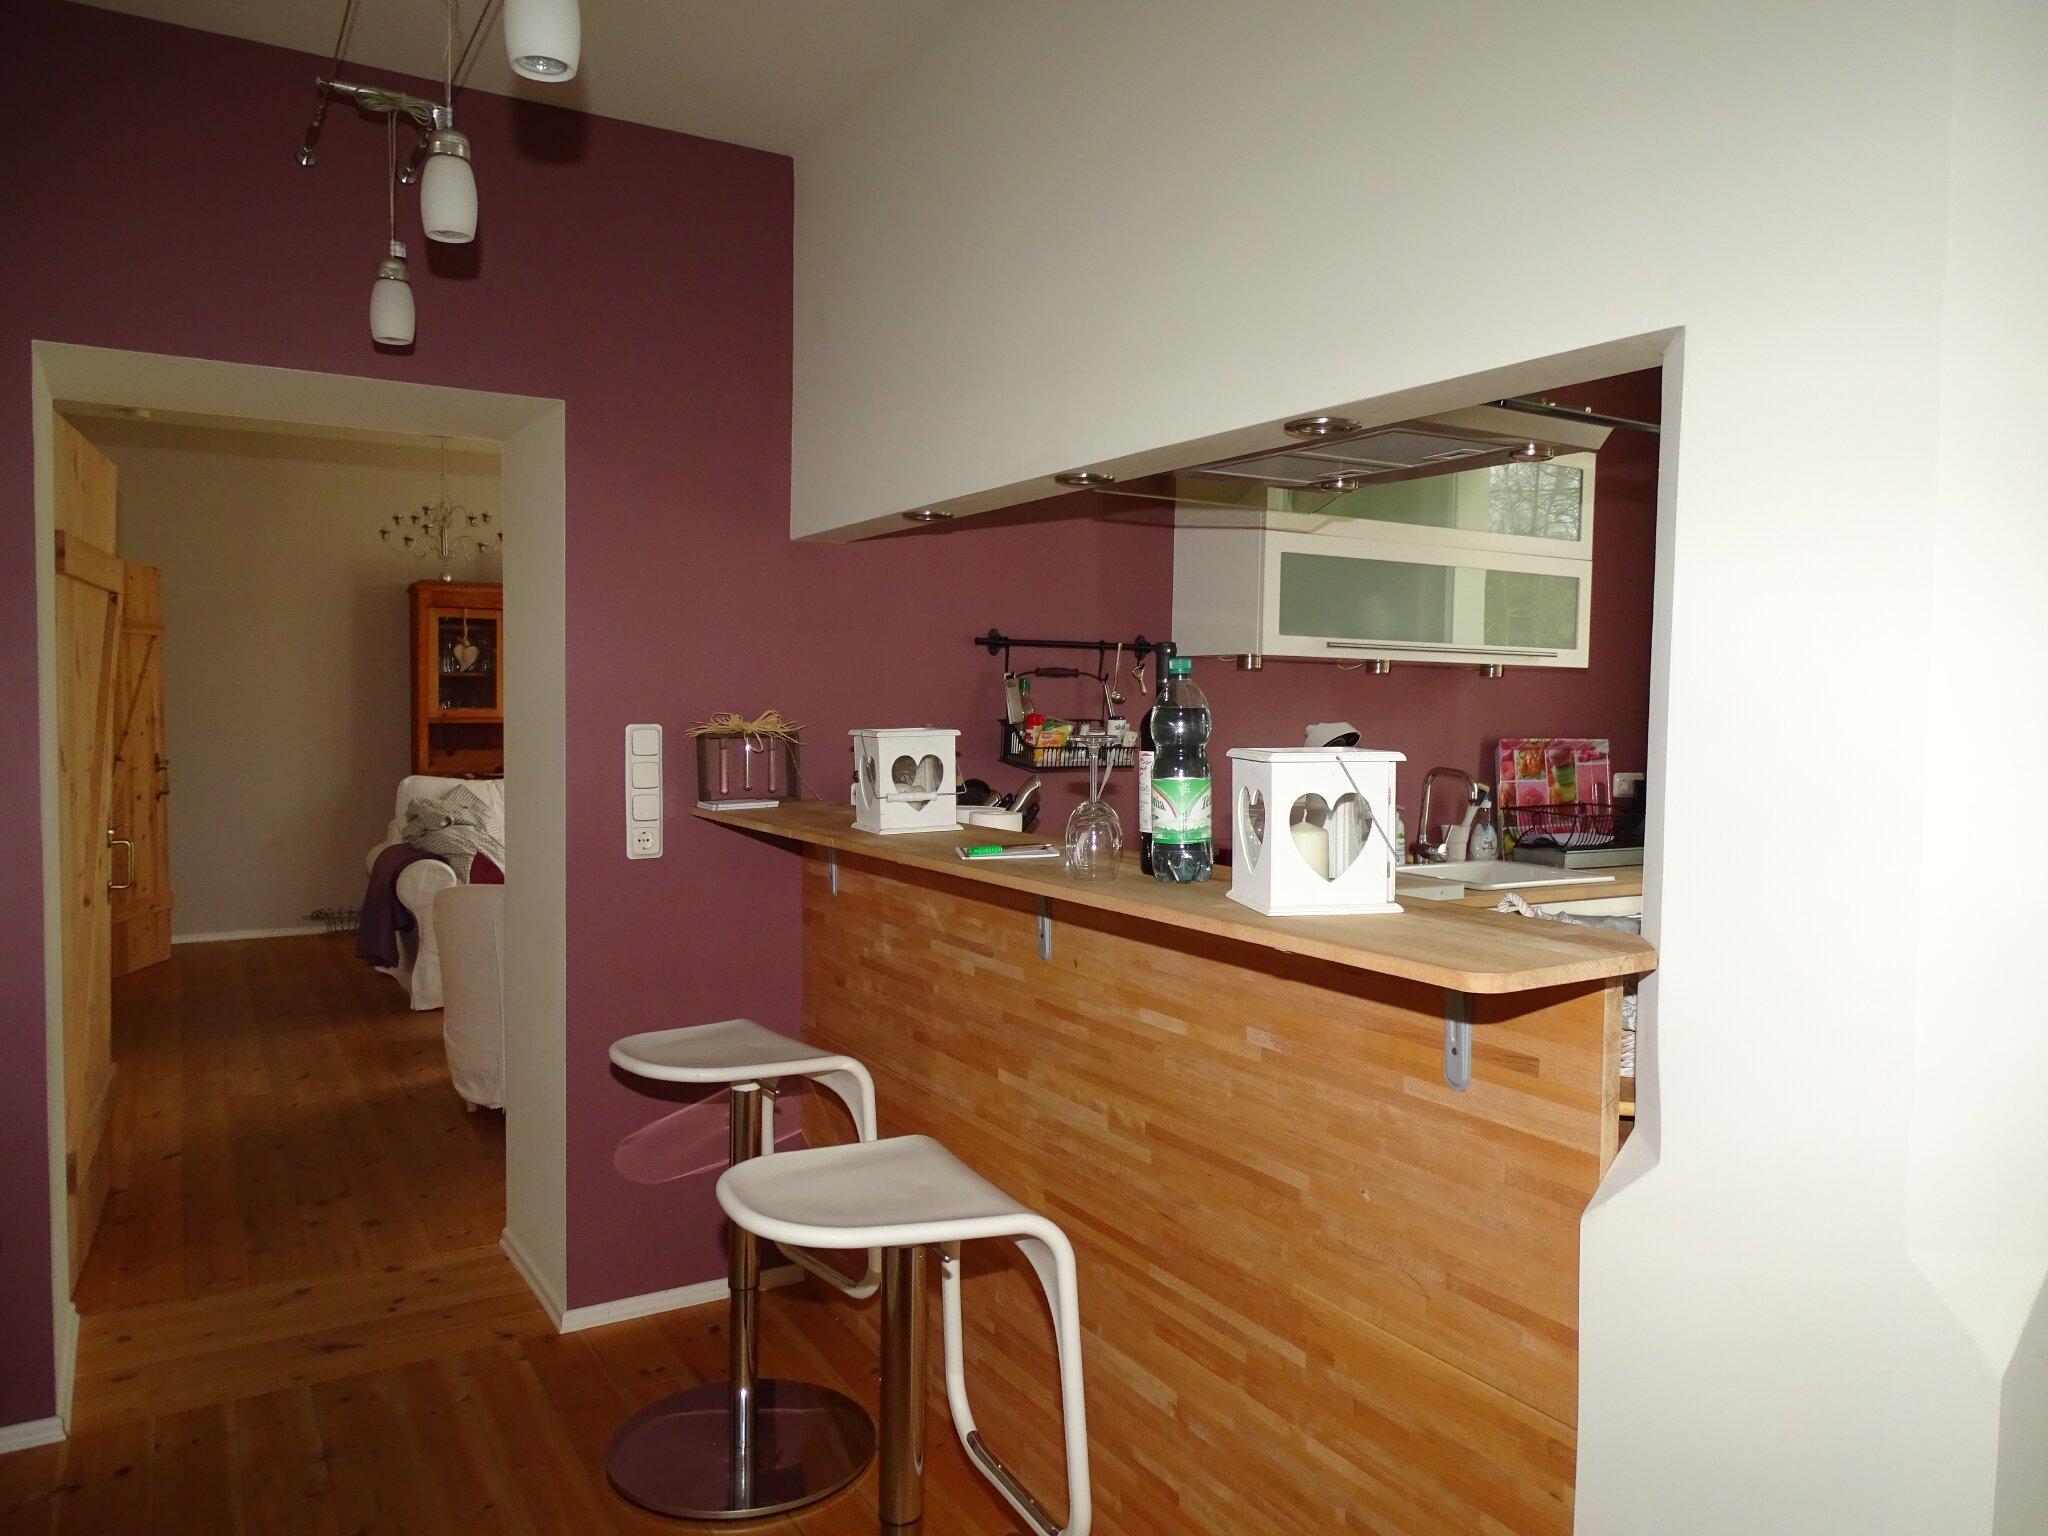 ferienwohnung paulihof schleswig in schleswig schleswig holstein sabrina neubauer. Black Bedroom Furniture Sets. Home Design Ideas